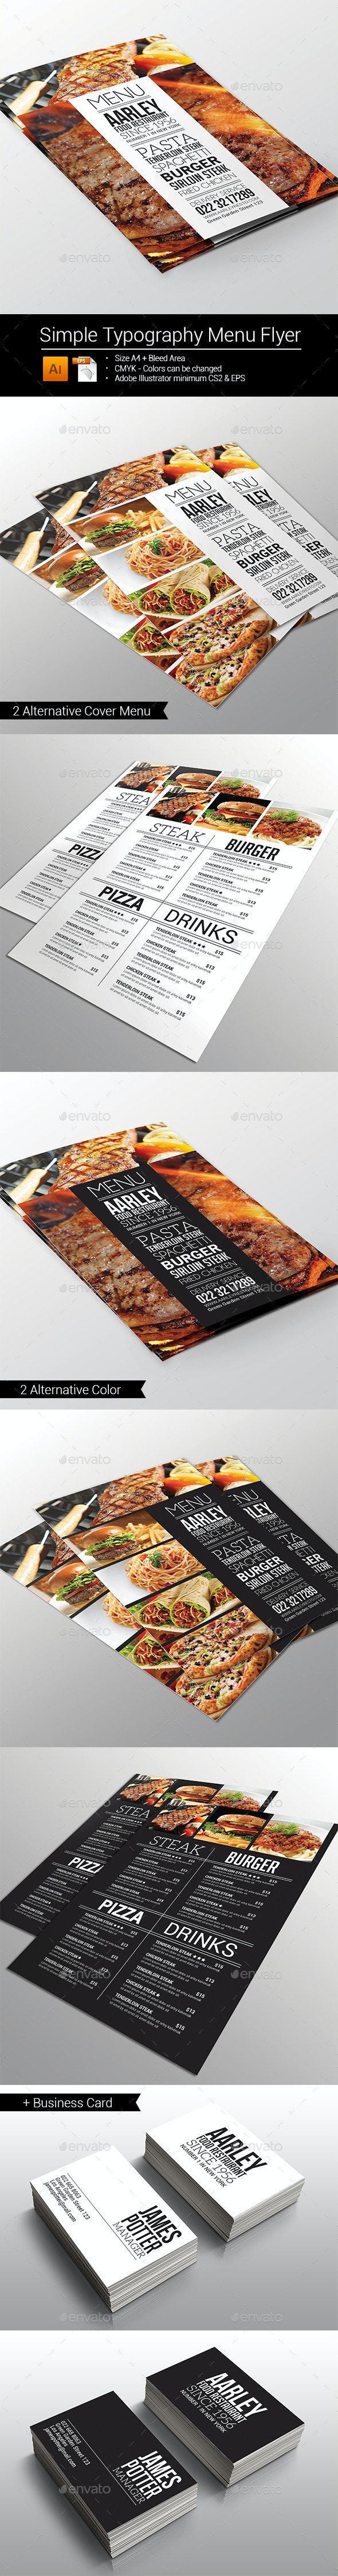 Simple Typography Menu Flyer - Food Menus Print Templates